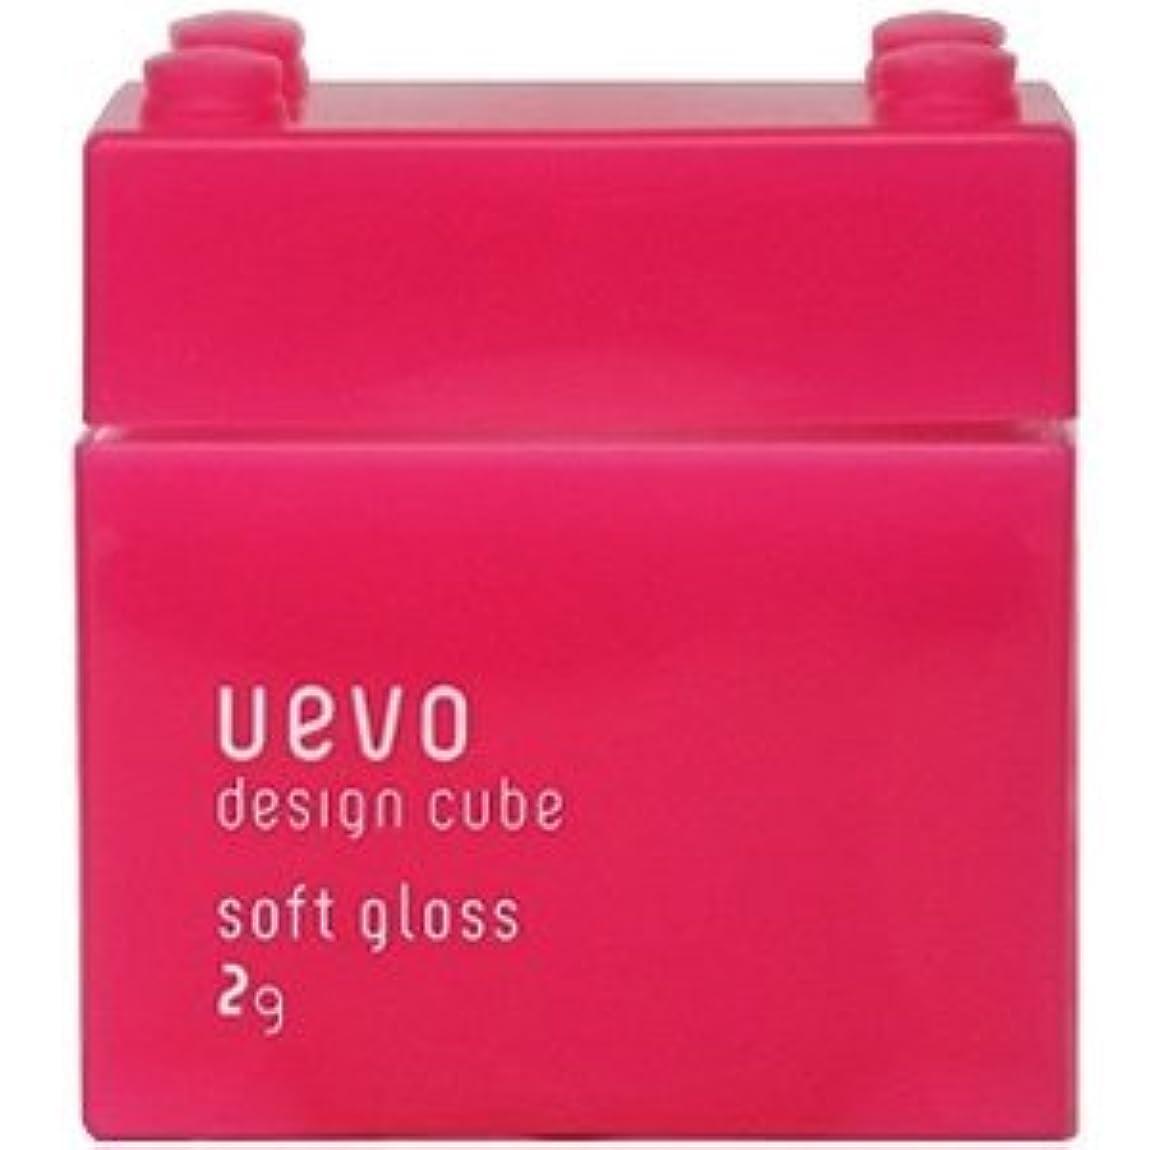 厚さインタフェースダイバー【X2個セット】 デミ ウェーボ デザインキューブ ソフトグロス 80g soft gloss DEMI uevo design cube